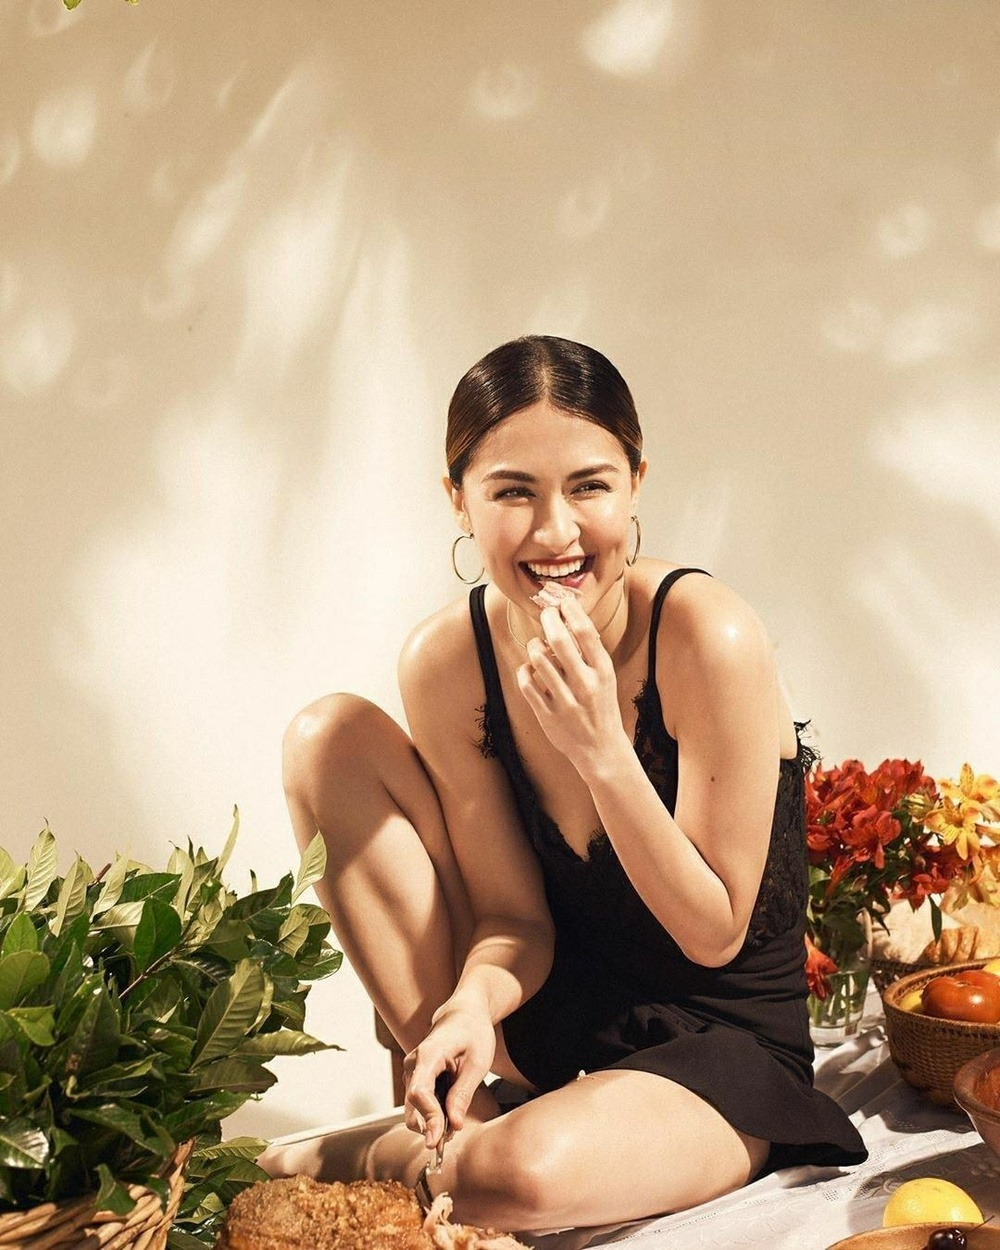 'Mỹ nhân đẹp nhất Philippines' tình tứ bên chồng ở bể bơi nhưng vòng 1 'khủng' mới là tâm điểm Ảnh 6